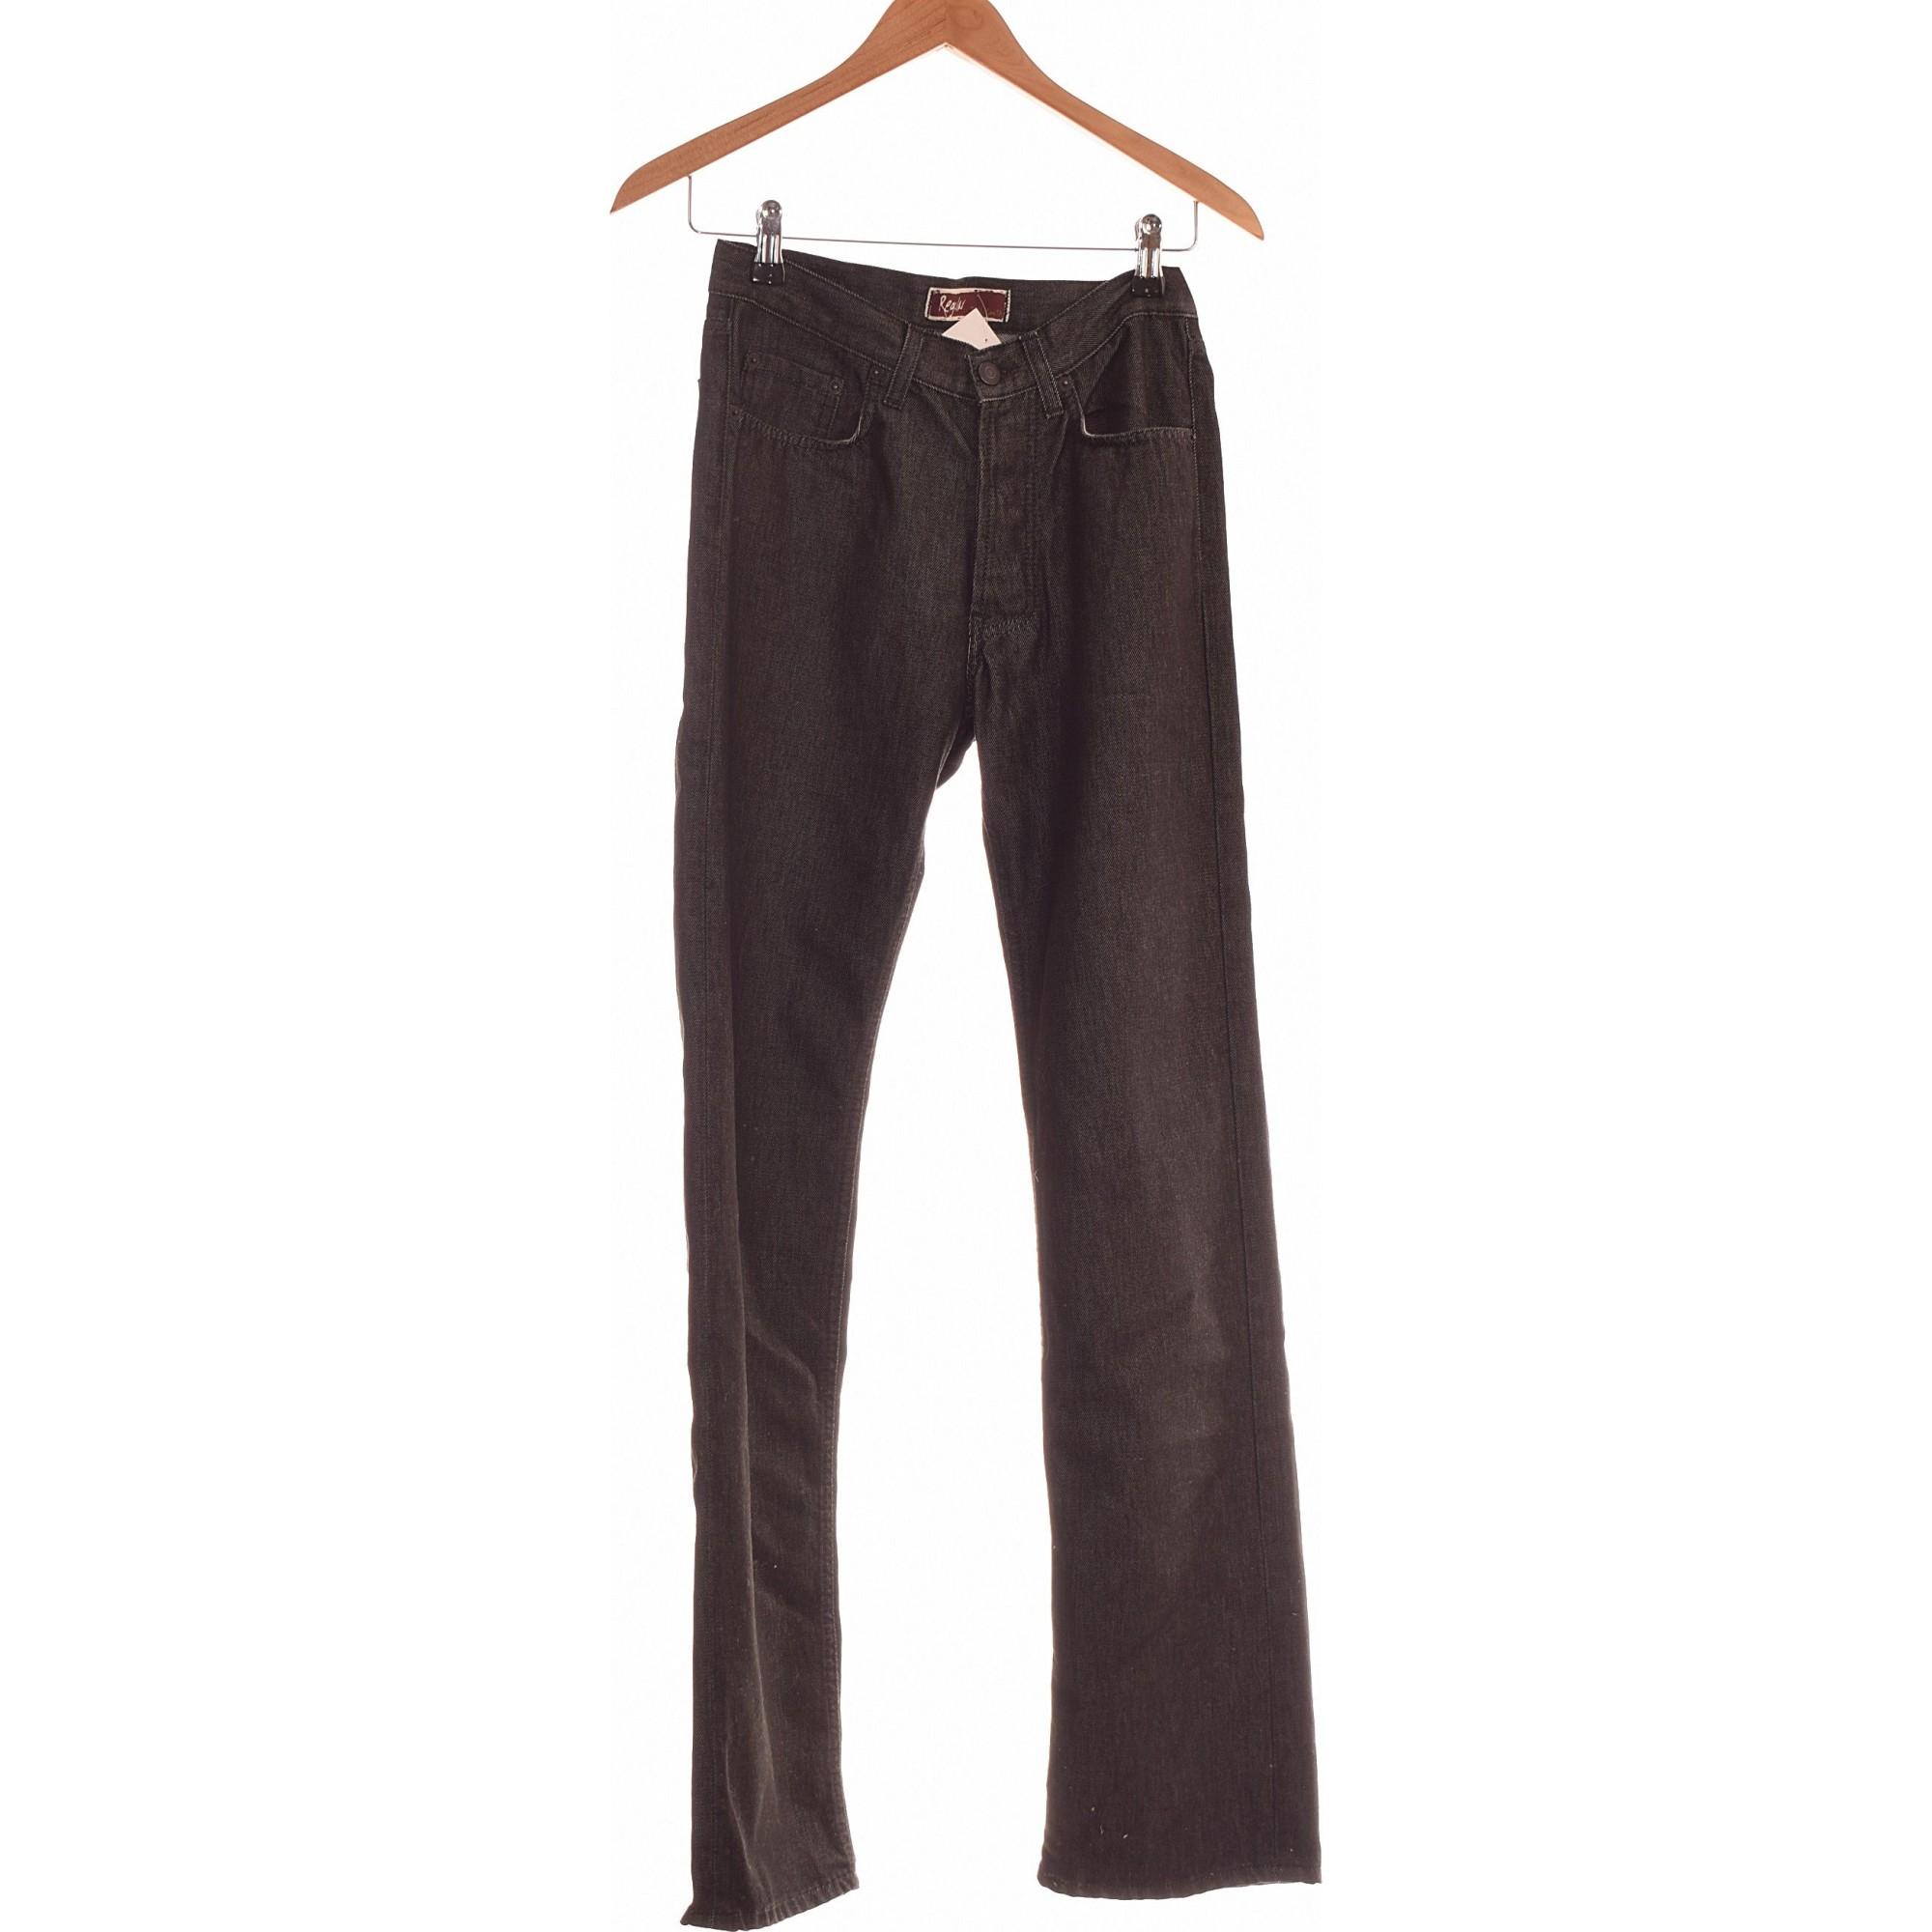 Jeans évasé, boot-cut TEDDY SMITH Gris, anthracite